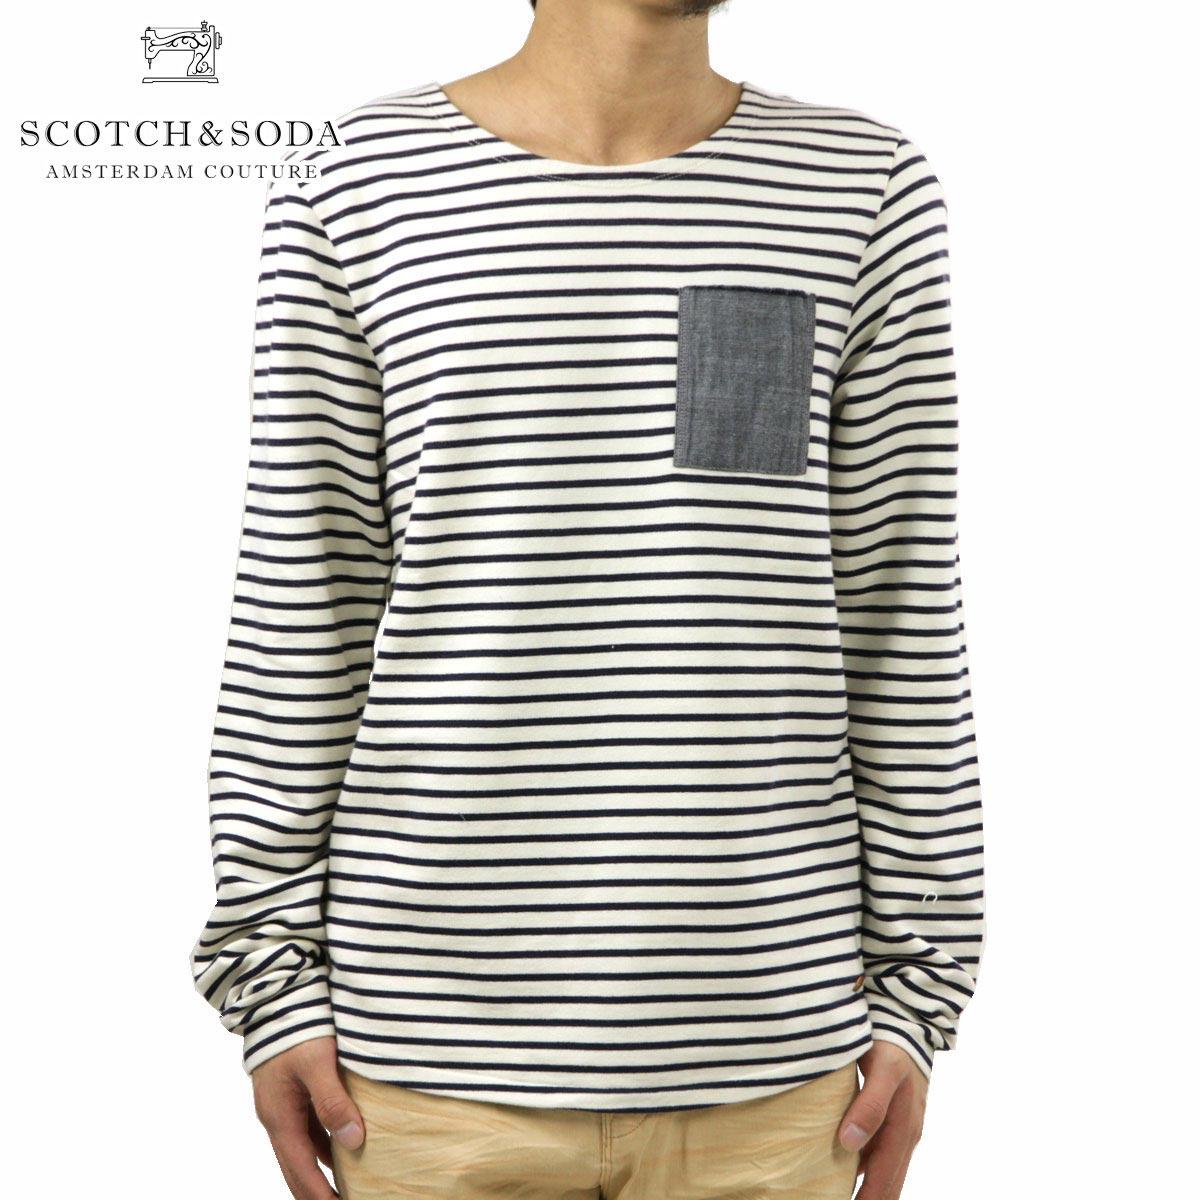 スコッチアンドソーダ SCOTCH&SODA 正規販売店 メンズ 長袖Tシャツ Yarn dye stripe sweat with spray 132118 04 D00S15